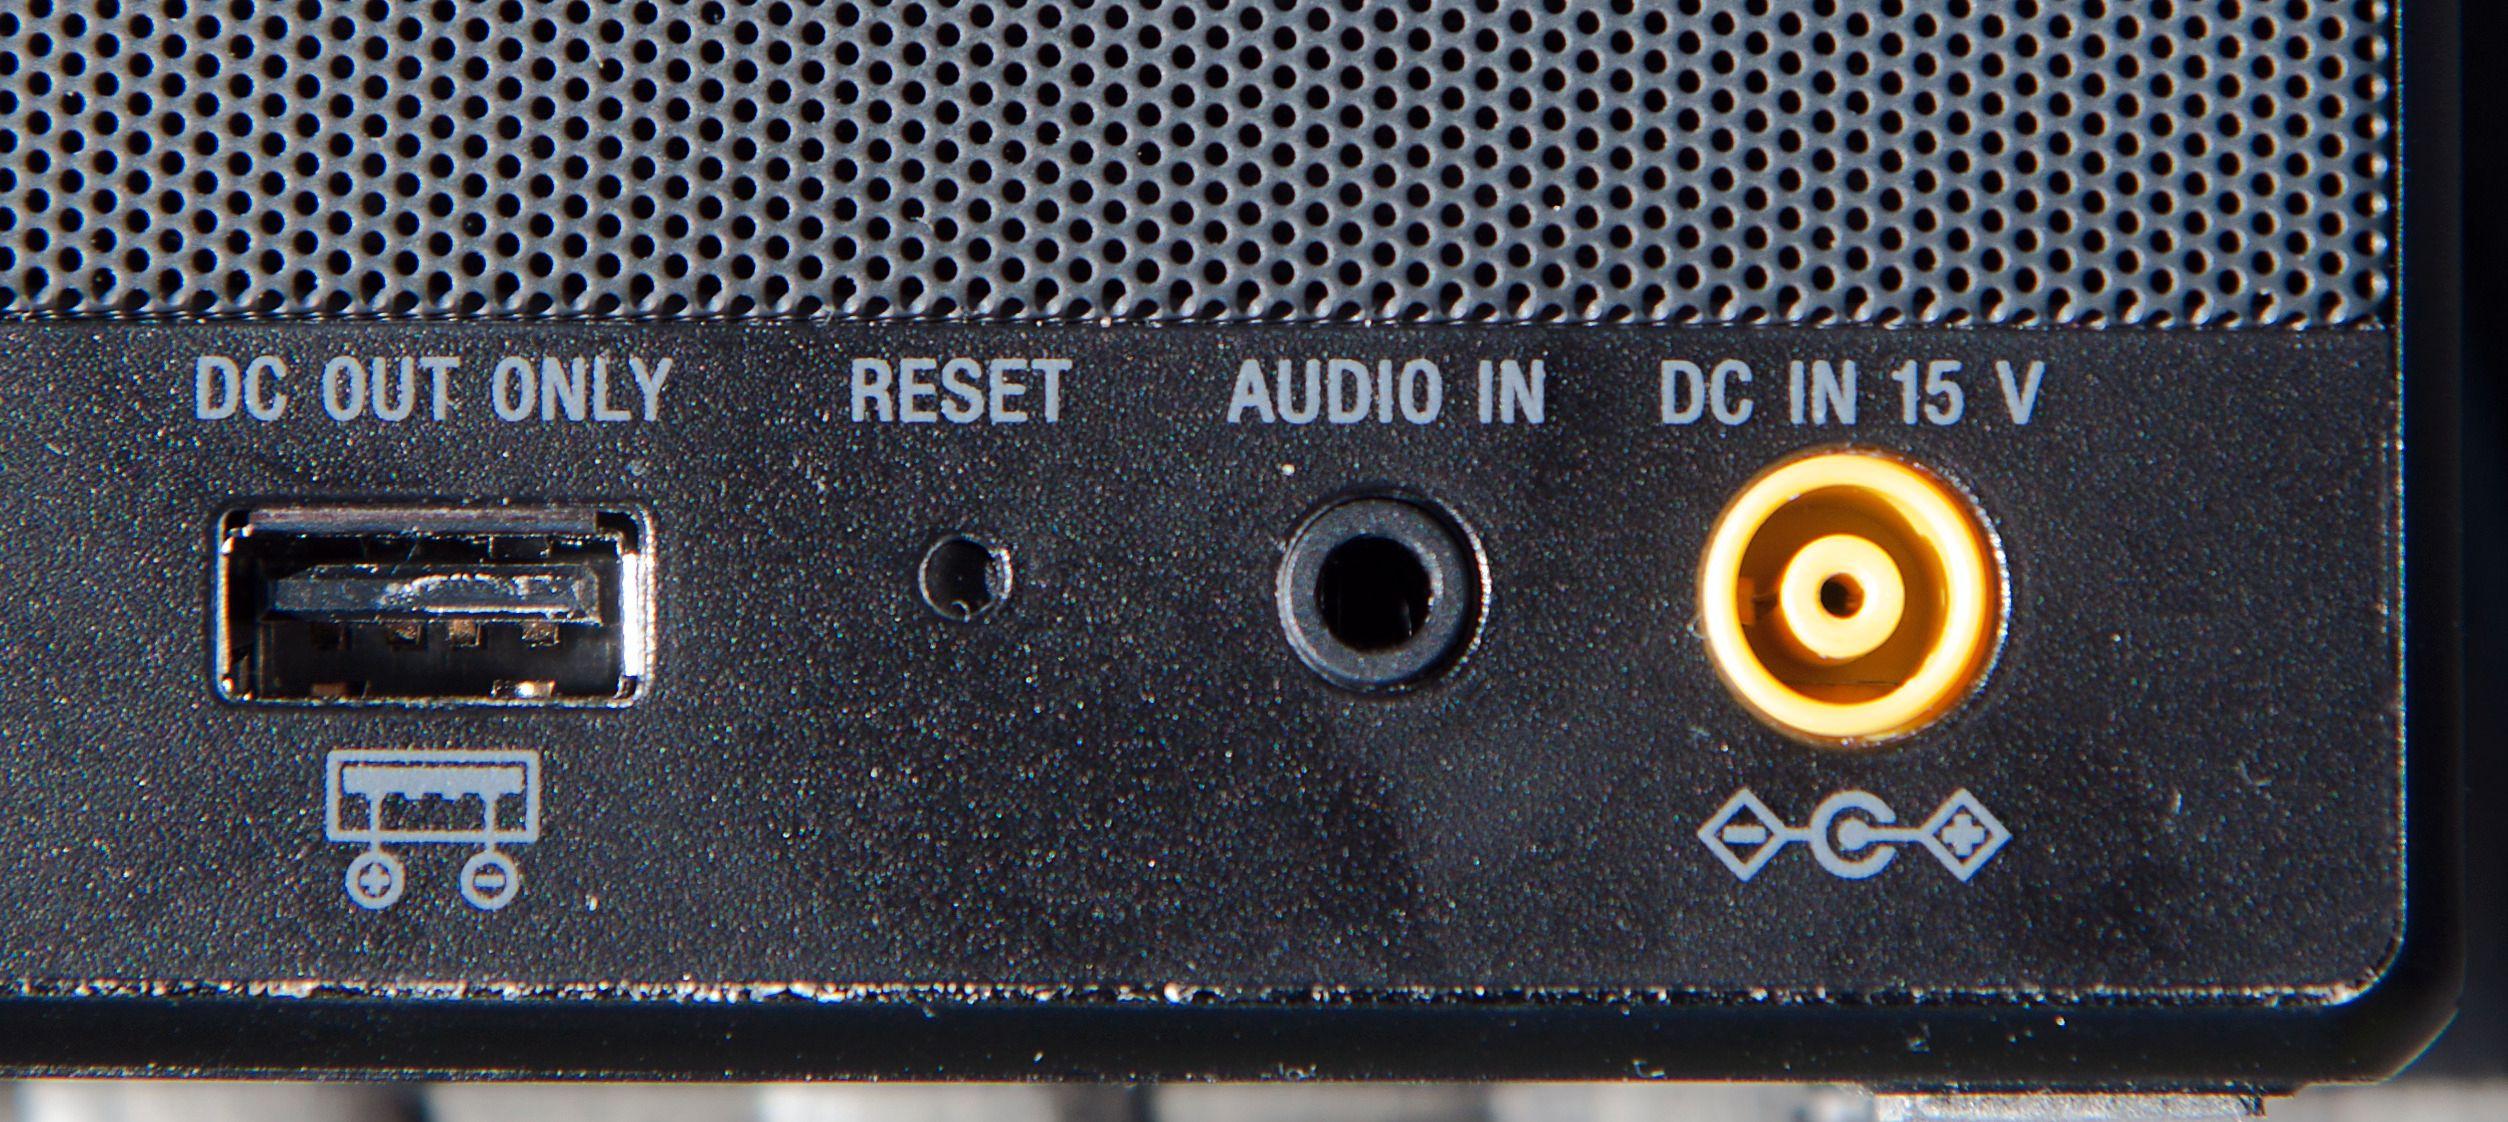 USB-porten på baksiden er praktisk for å lade mobilen. Foto: Kurt Lekanger, Tek.no